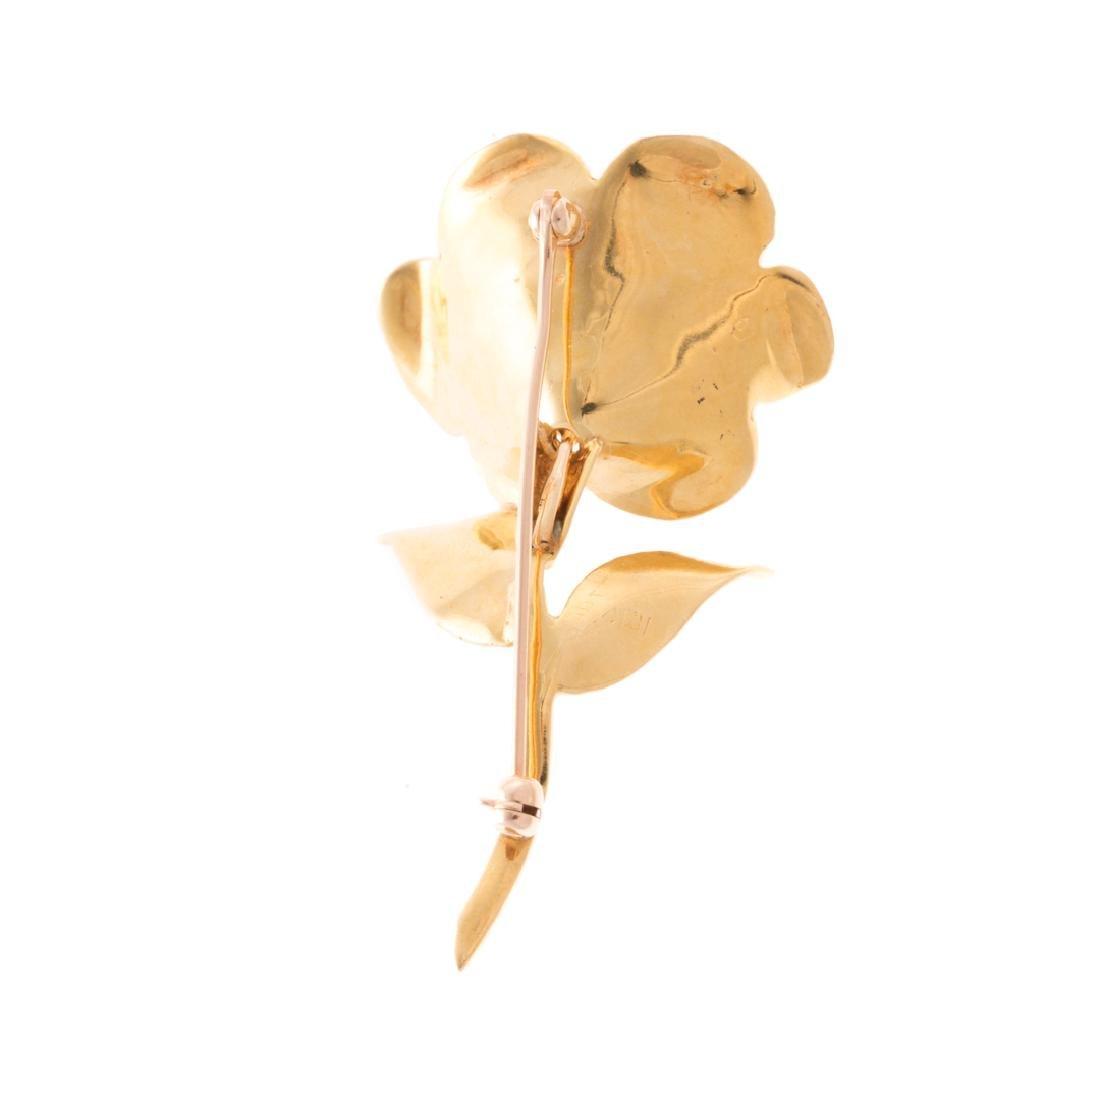 A Lady's Flower Brooch in 18K Gold - 3